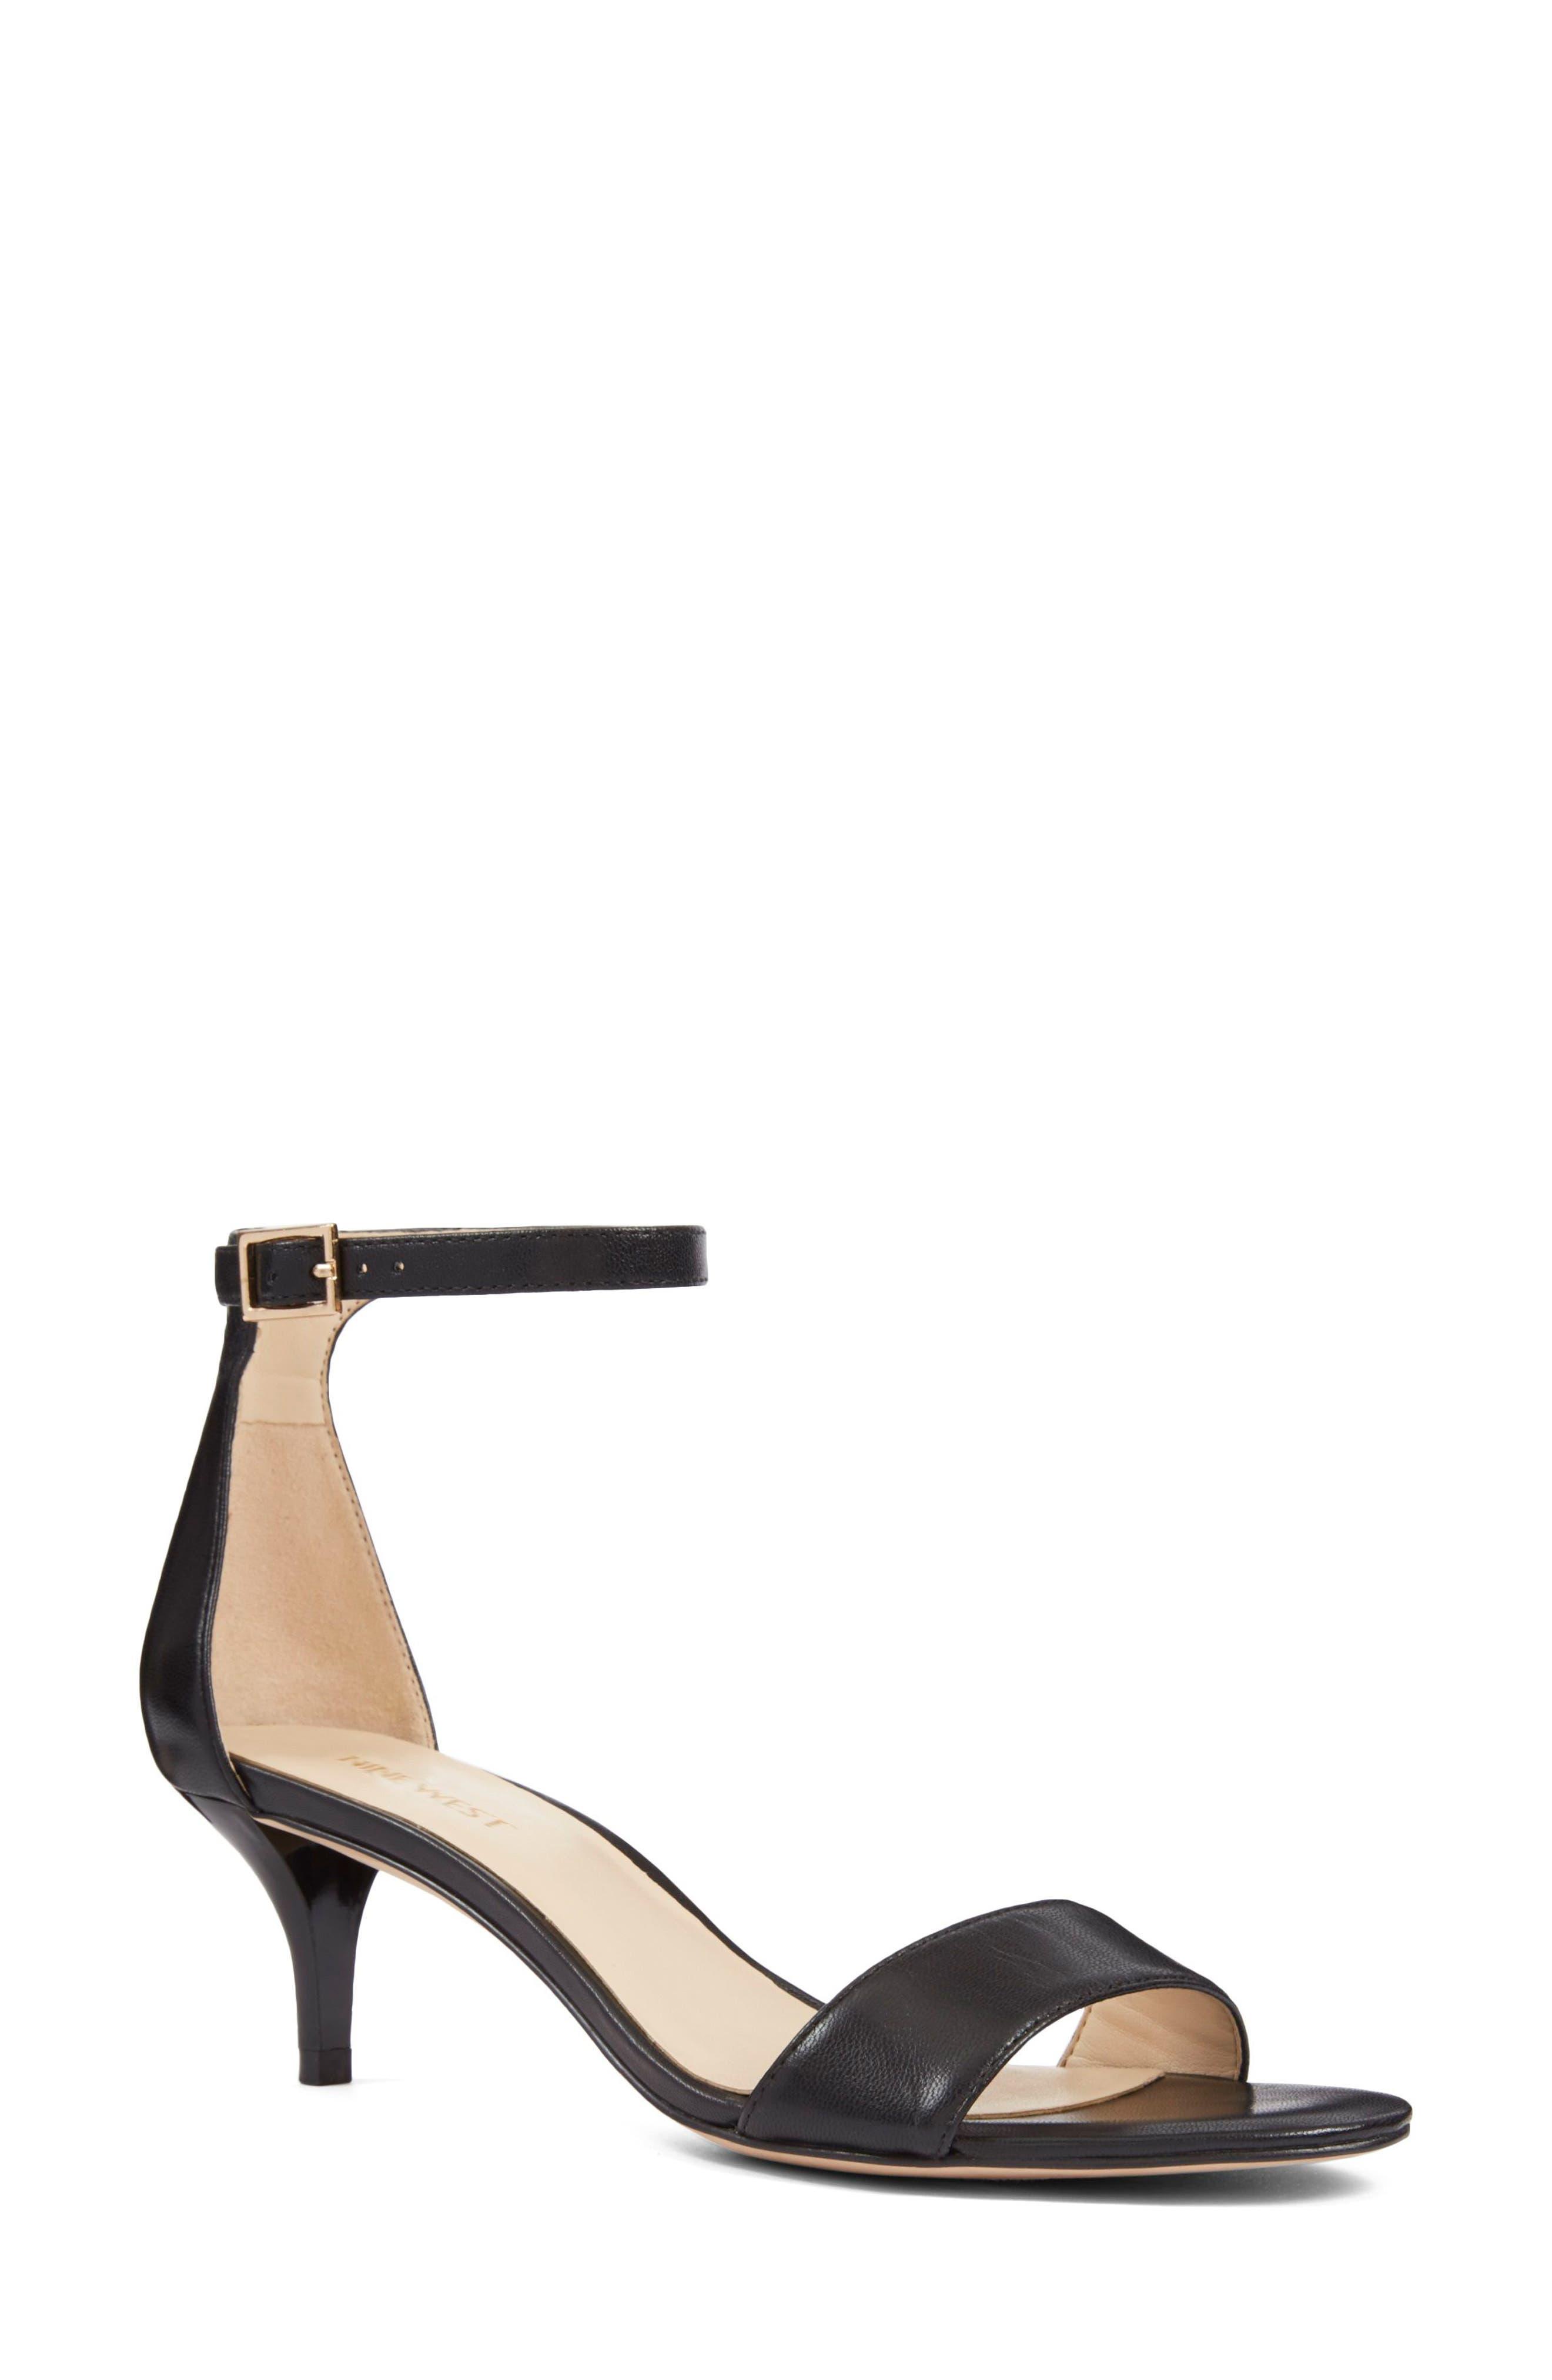 50d4b723519 Nine West Sandals - Women s